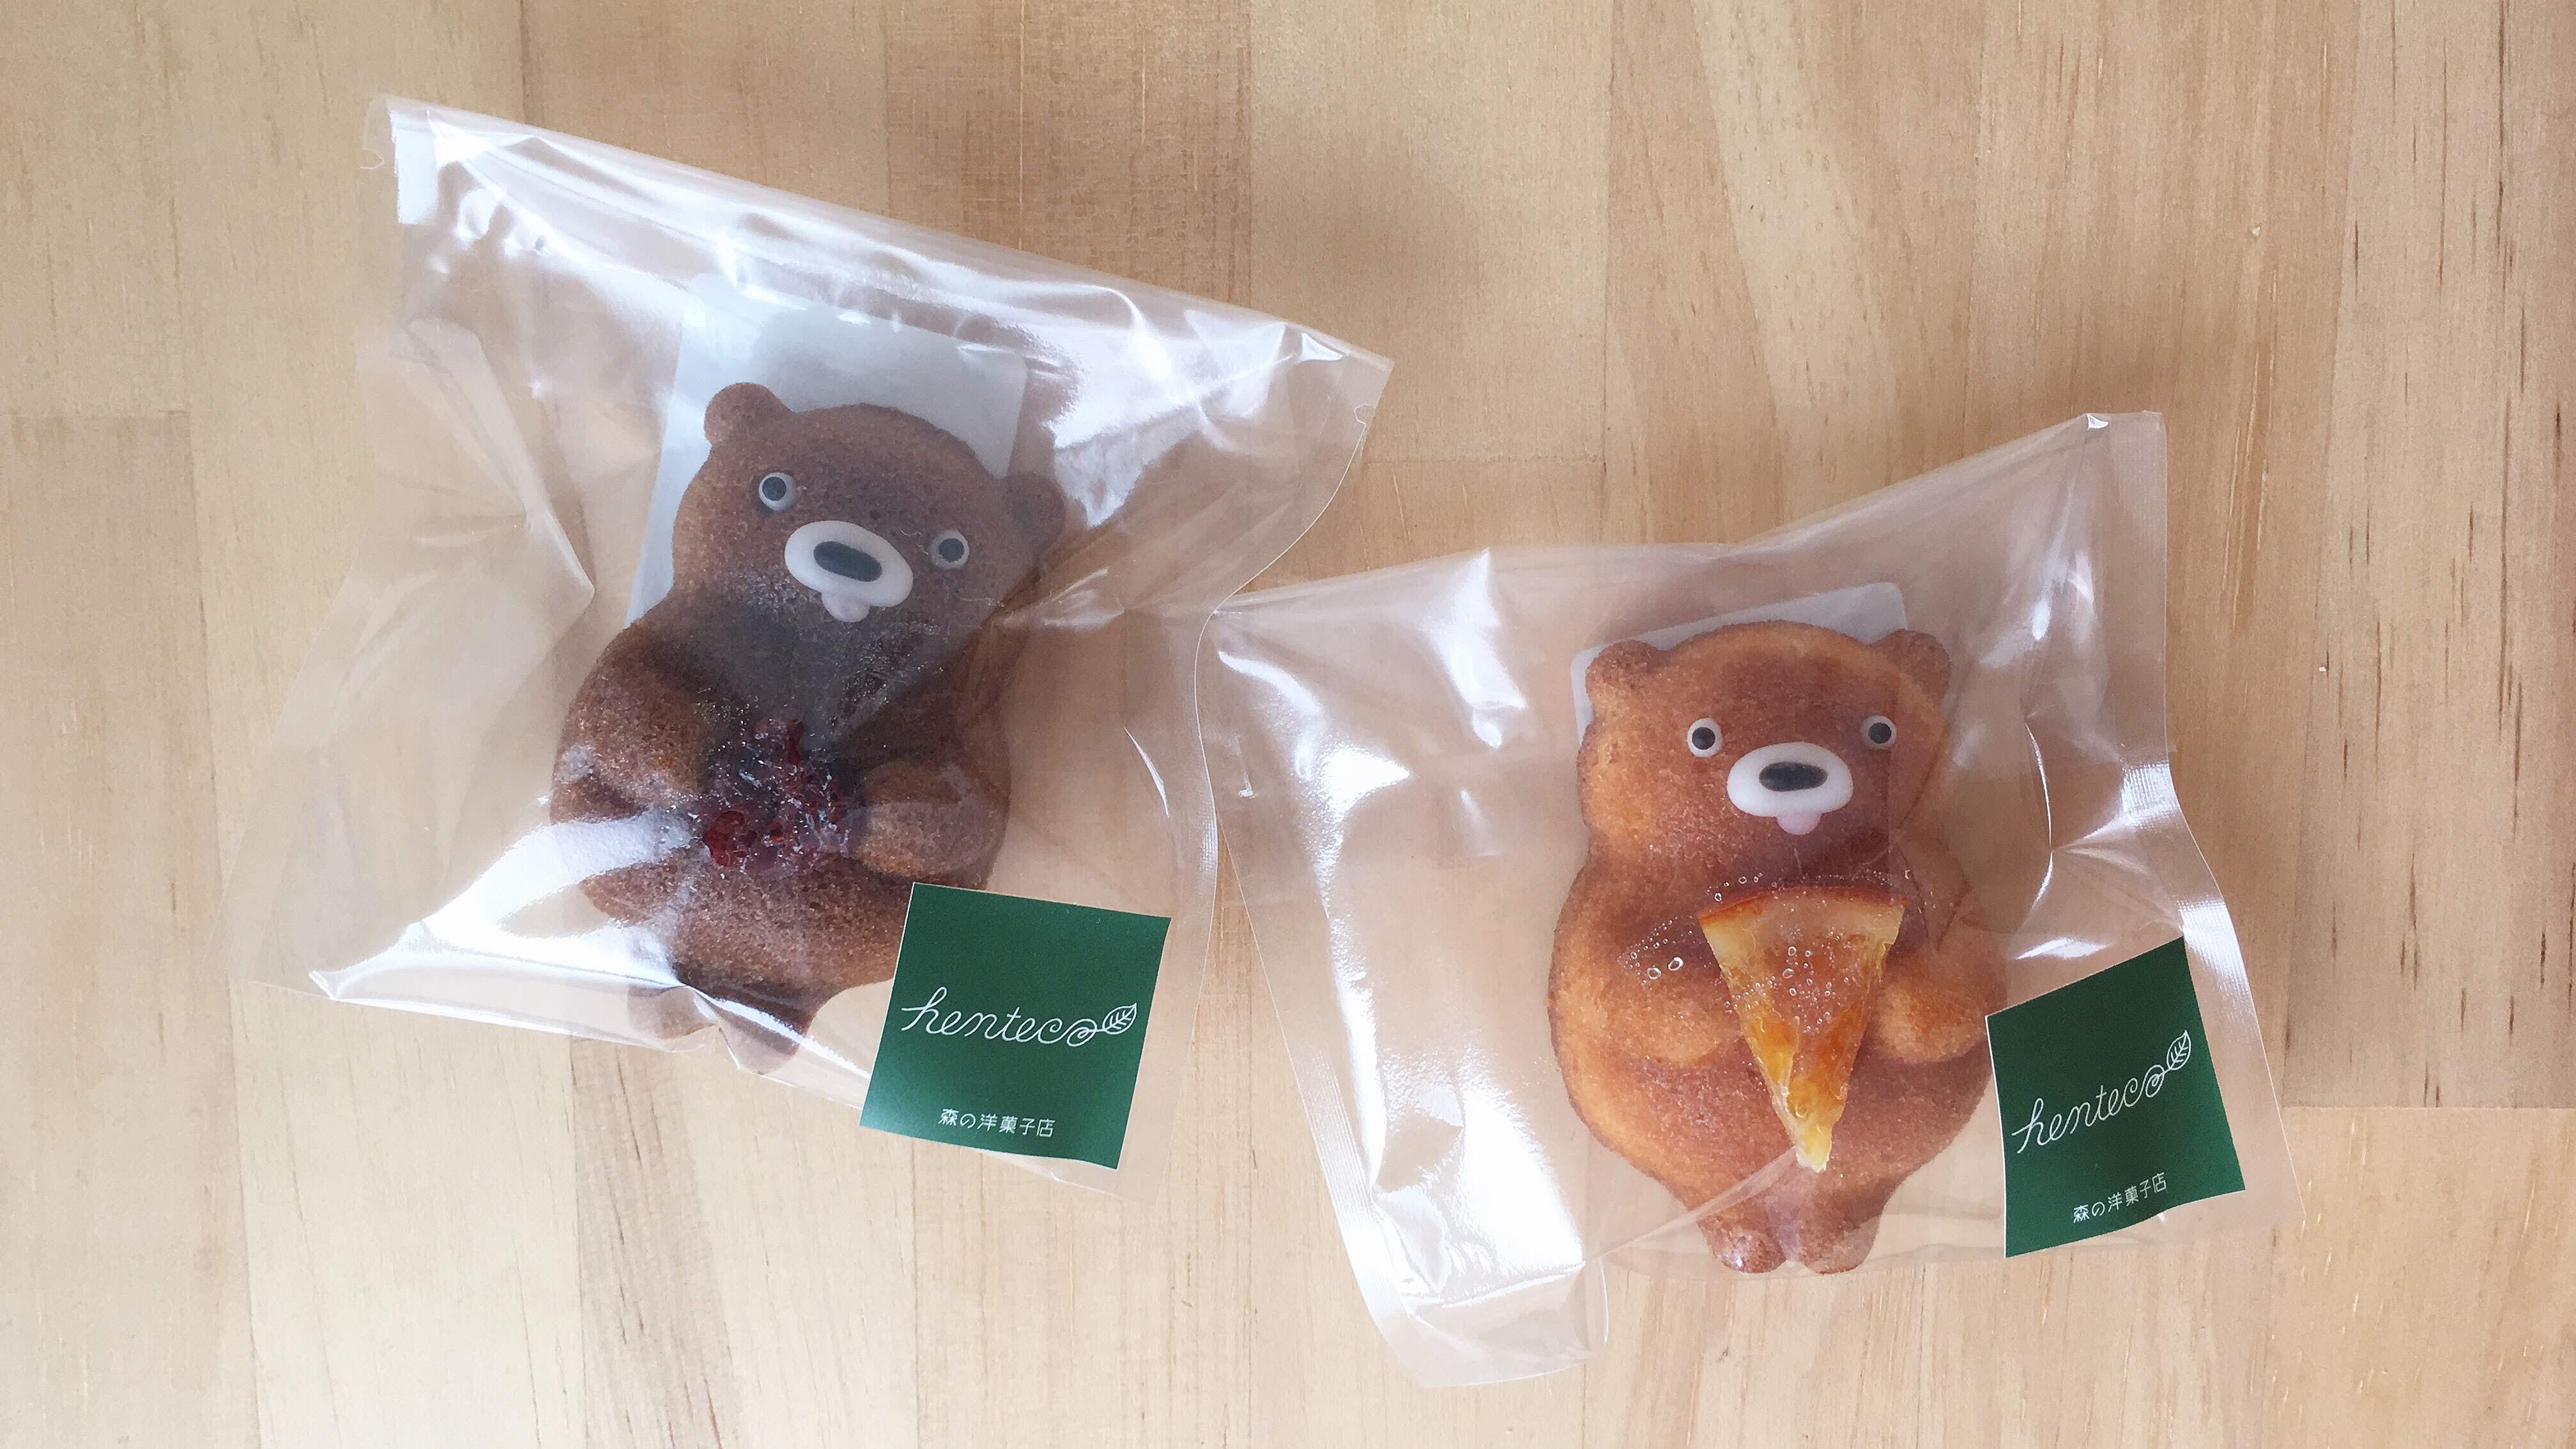 動物クッキーが人気なヘンテコ森の洋菓子店で買えるかわいいくまのパウンドケーキの個包装パッケージ